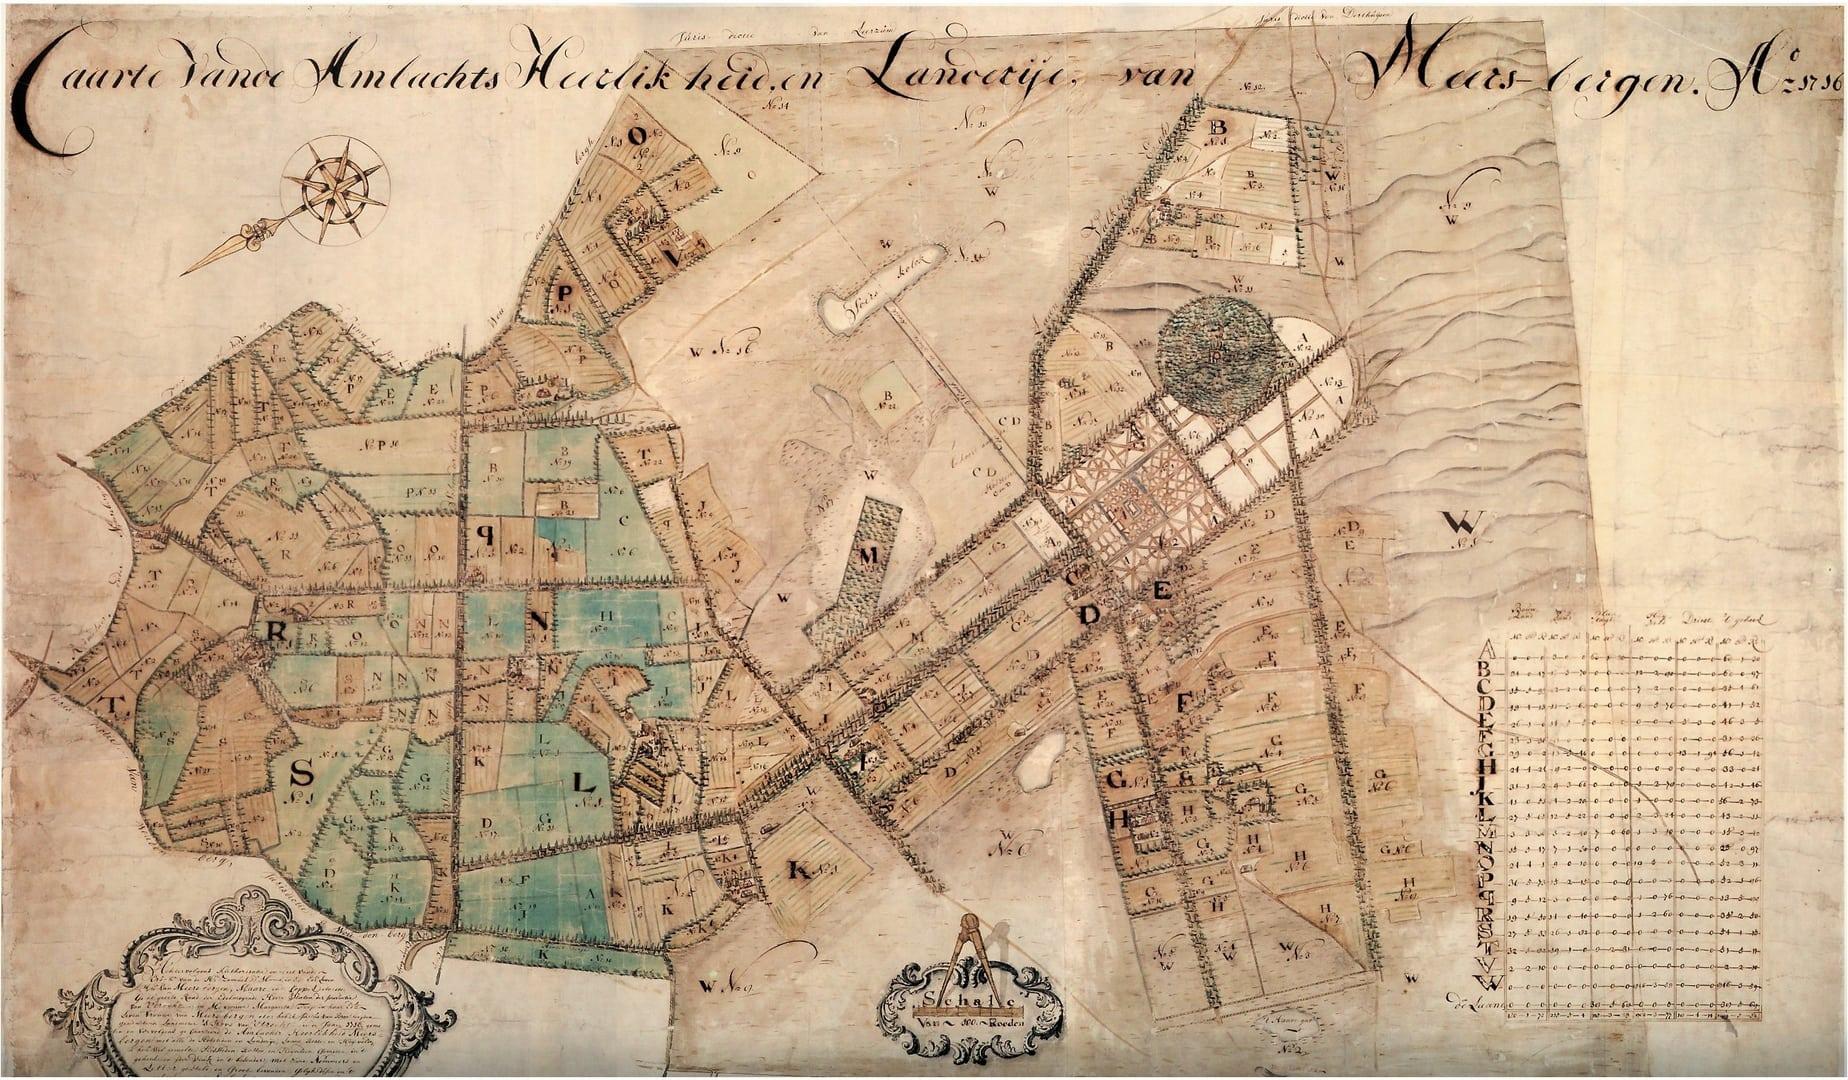 De kaart van Justus van Broeckhuijsen met de 19 pachthoeven uit 1716. Deze geeft een goed beeld van het agrarisch grondgebruik in Maarsbergen, zoals dat al in de middeleeuwen was ontstaan en tot in de negentiende eeuw nauwelijks veranderde.